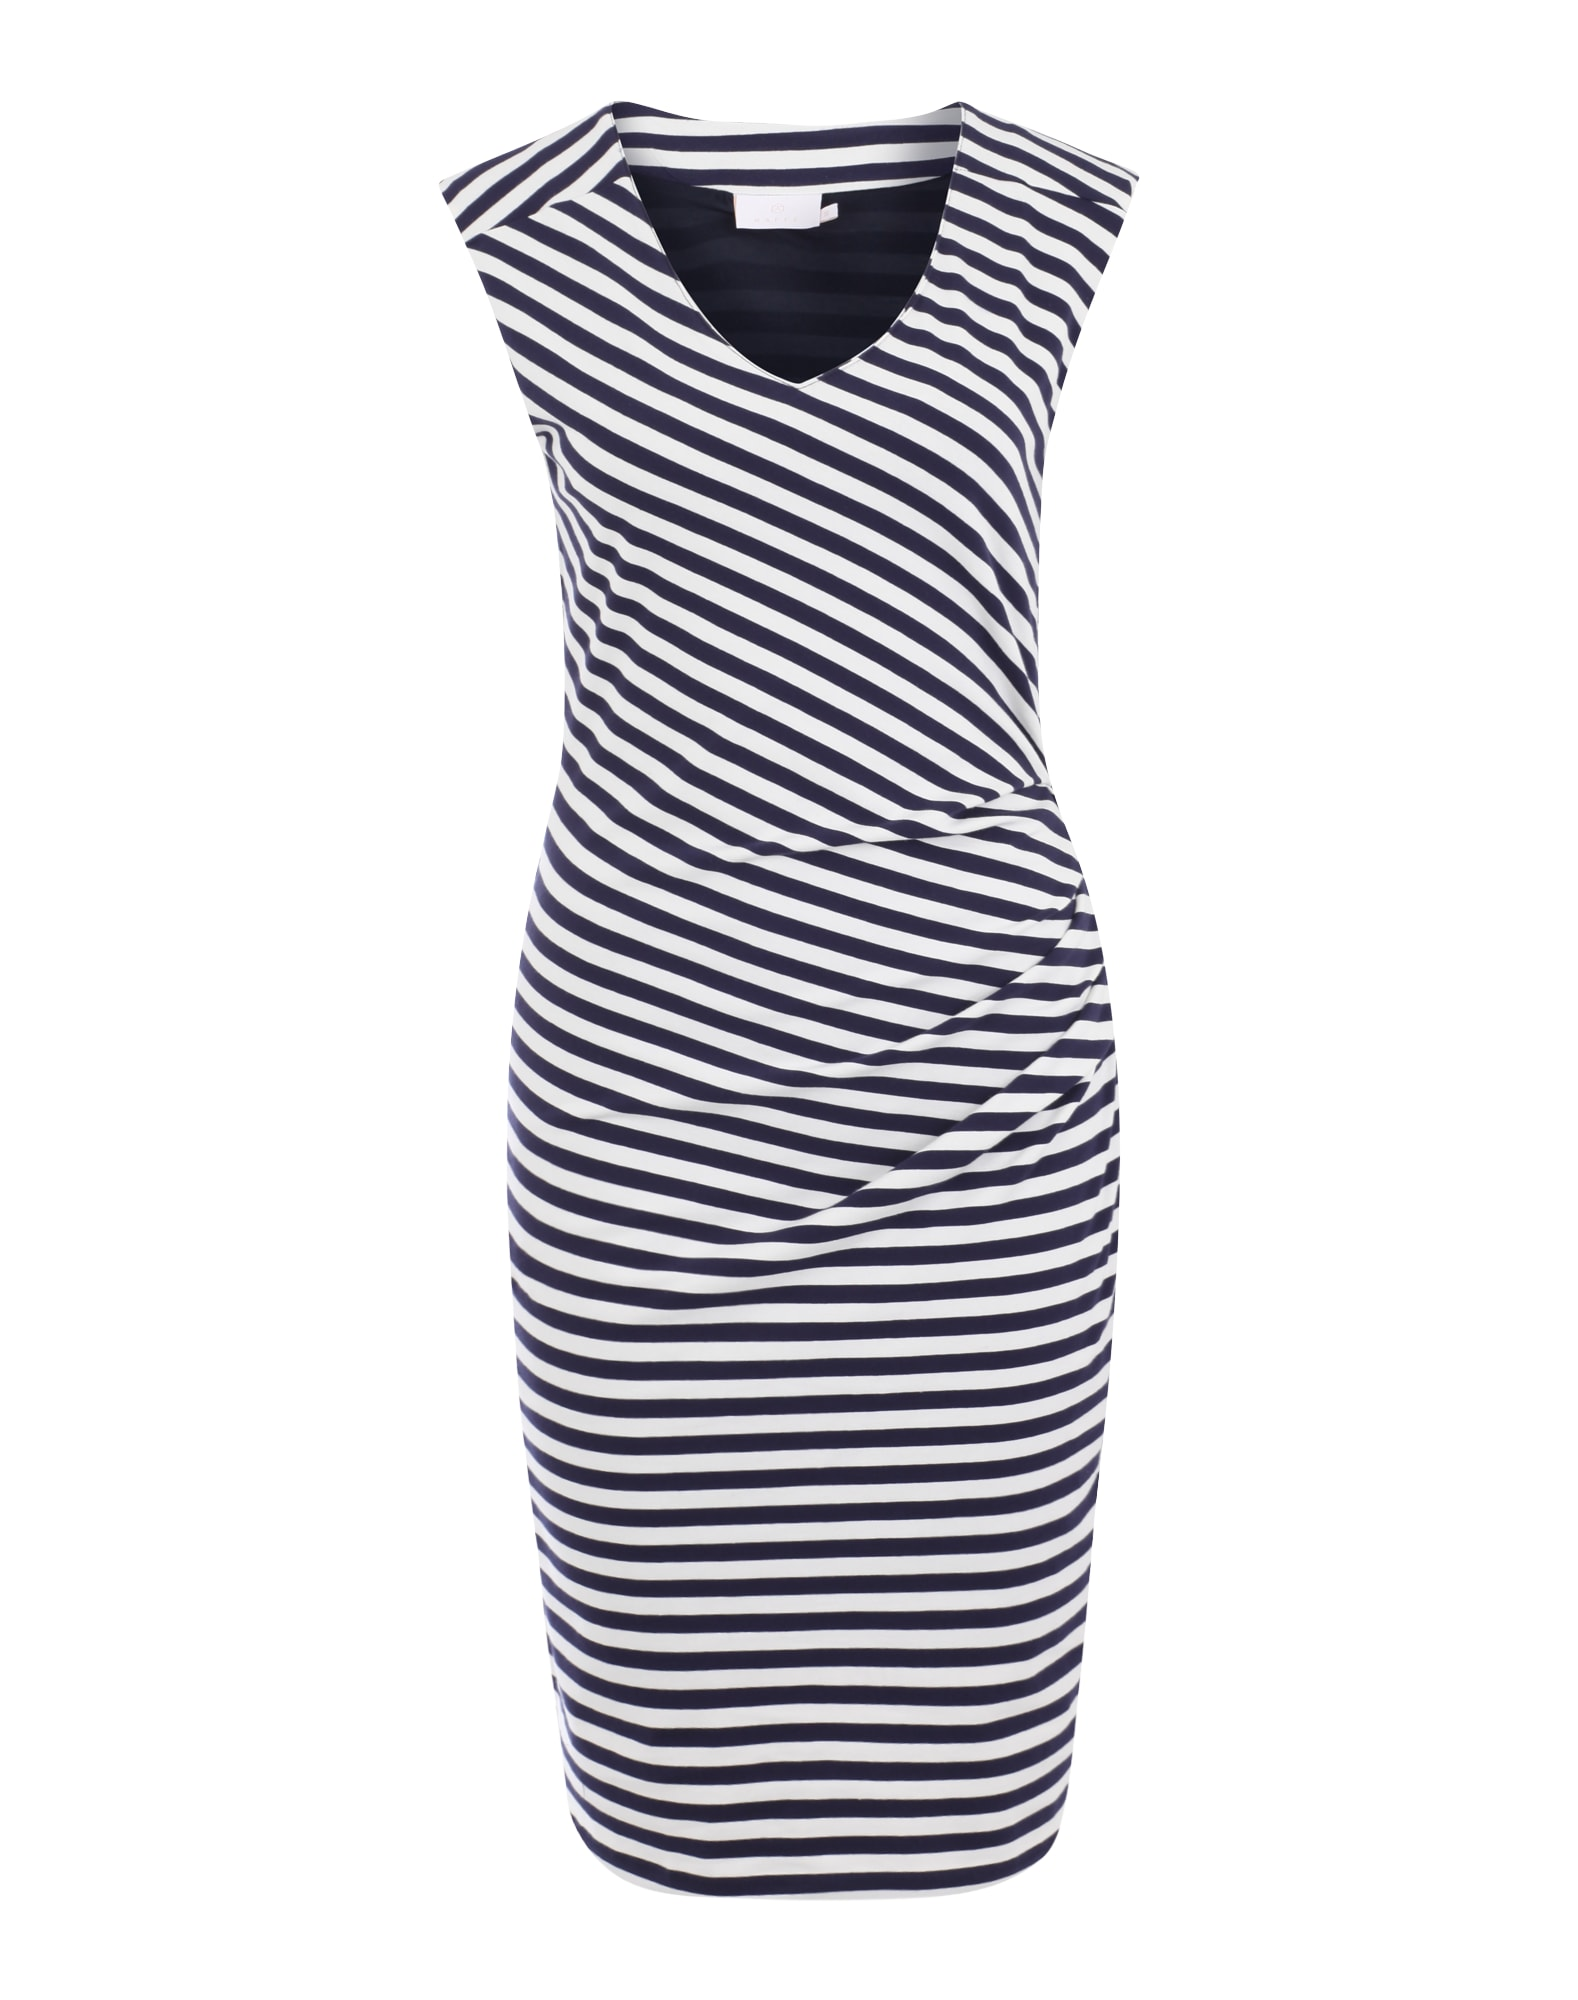 Letní šaty Nanna marine modrá bílá Kaffe